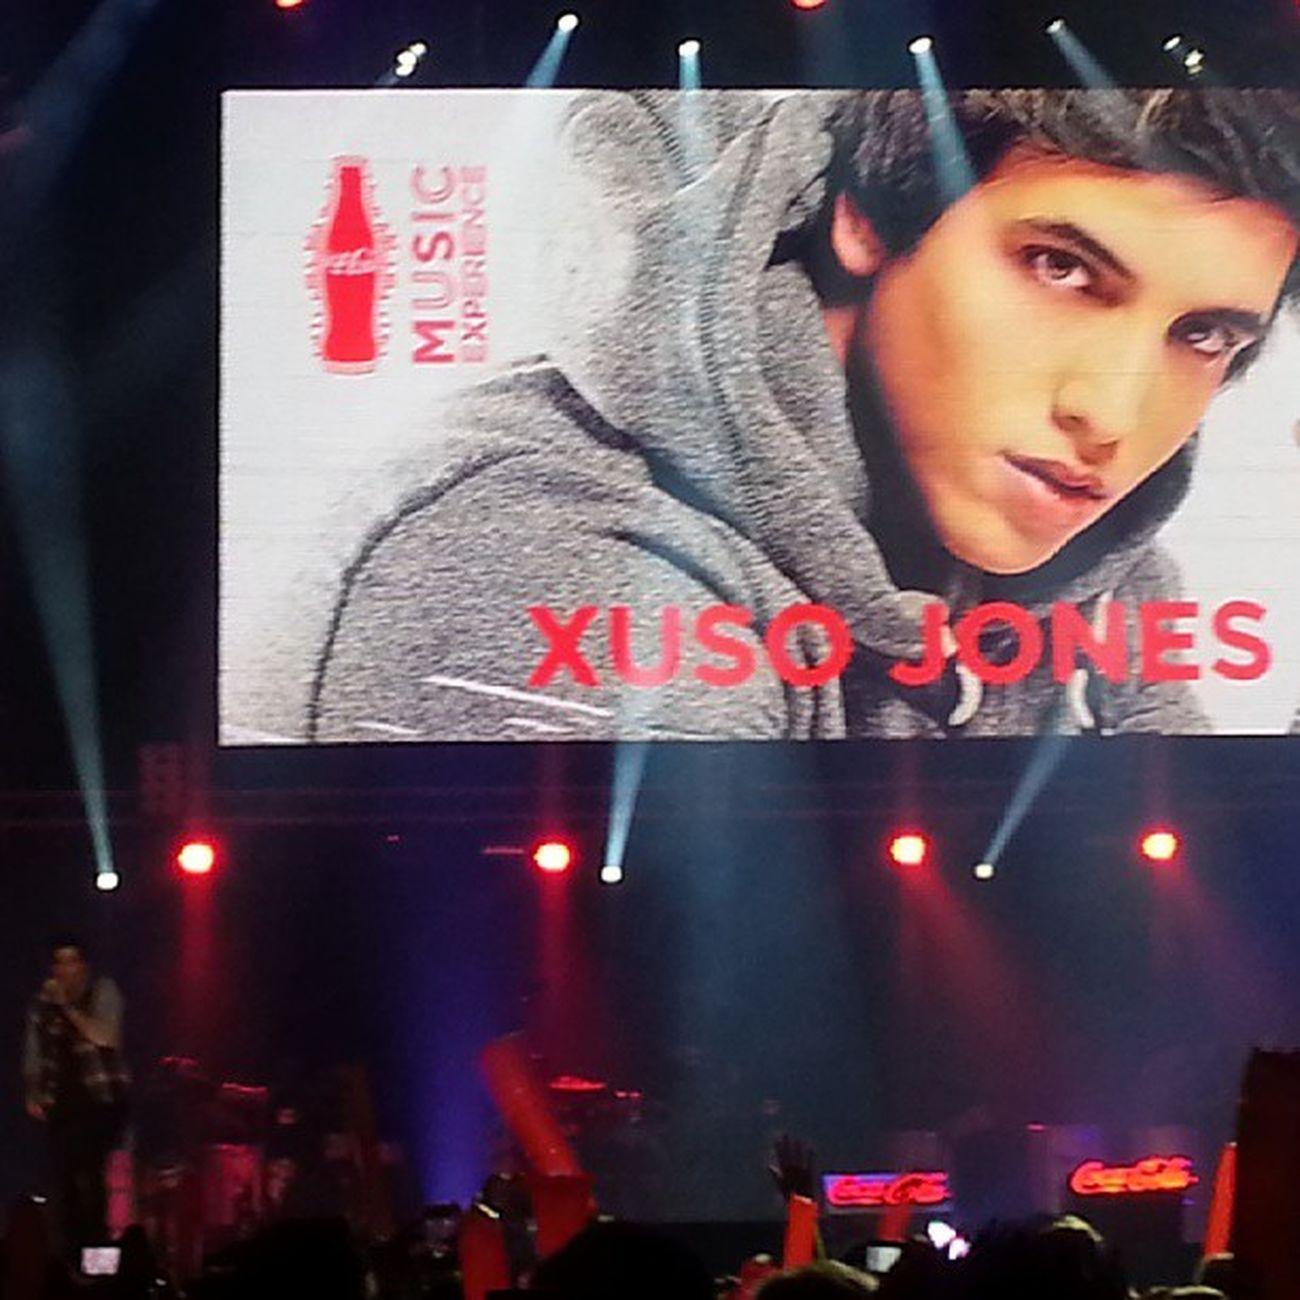 Akii @xusojones en CocaColaMusicExperience lo as echo genial! !